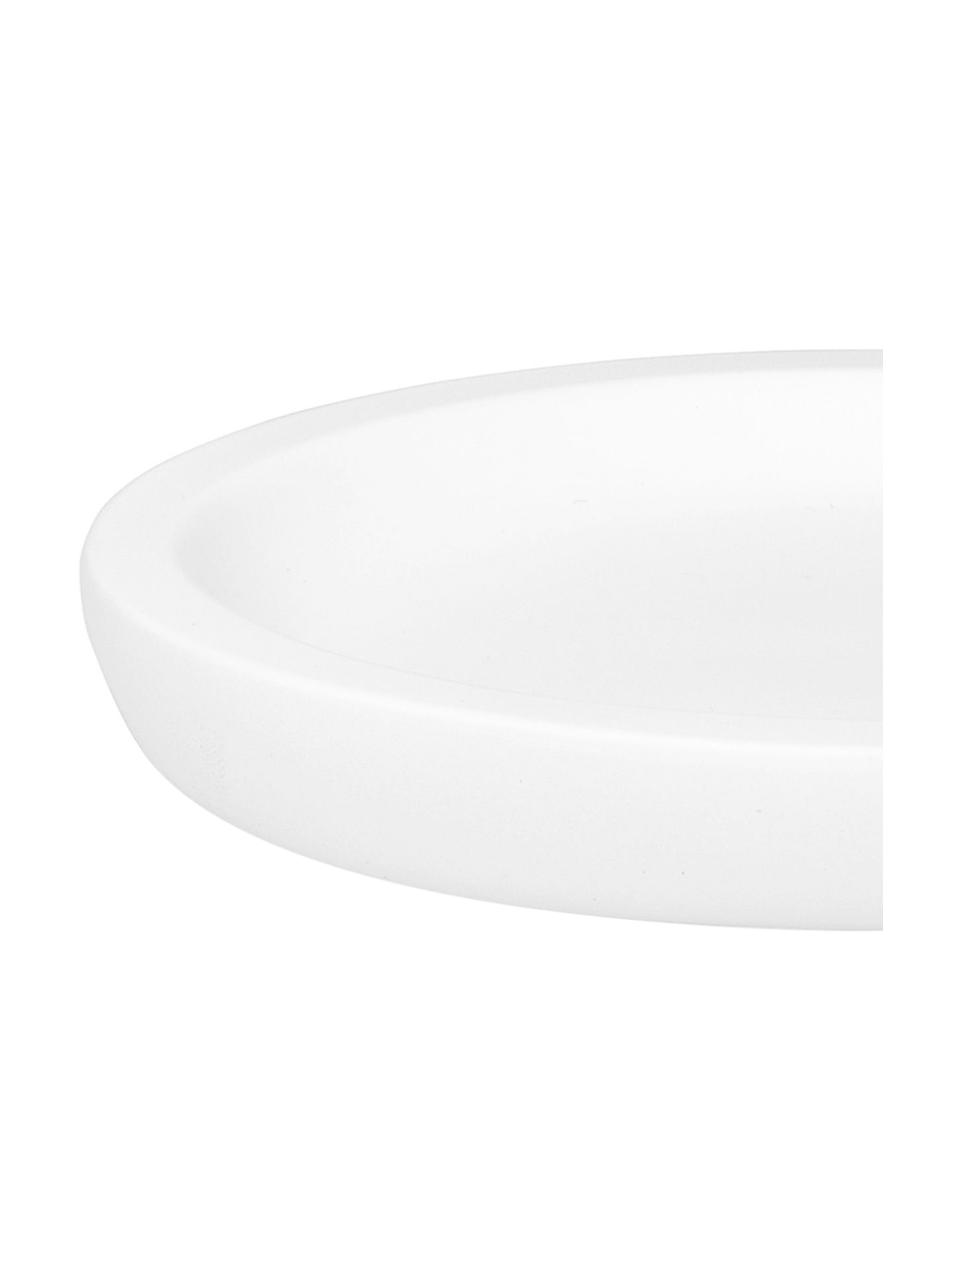 Seifenschale Angel, Keramik, Weiß, 13 x 2 cm